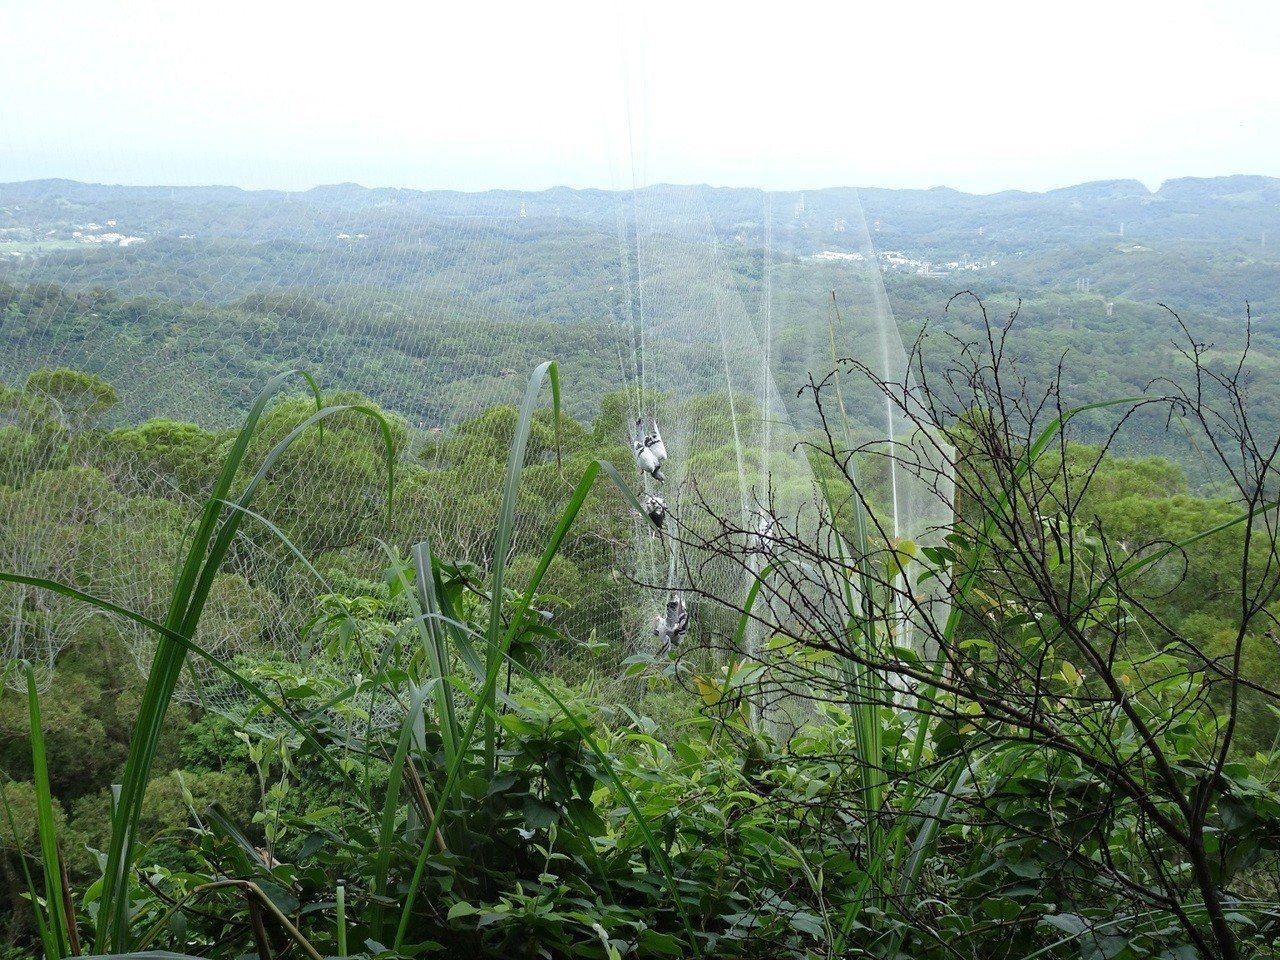 苗栗縣通霄鎮山區同一地點,日前第三度發現鳥網,圖/新竹林管處余建勳提供